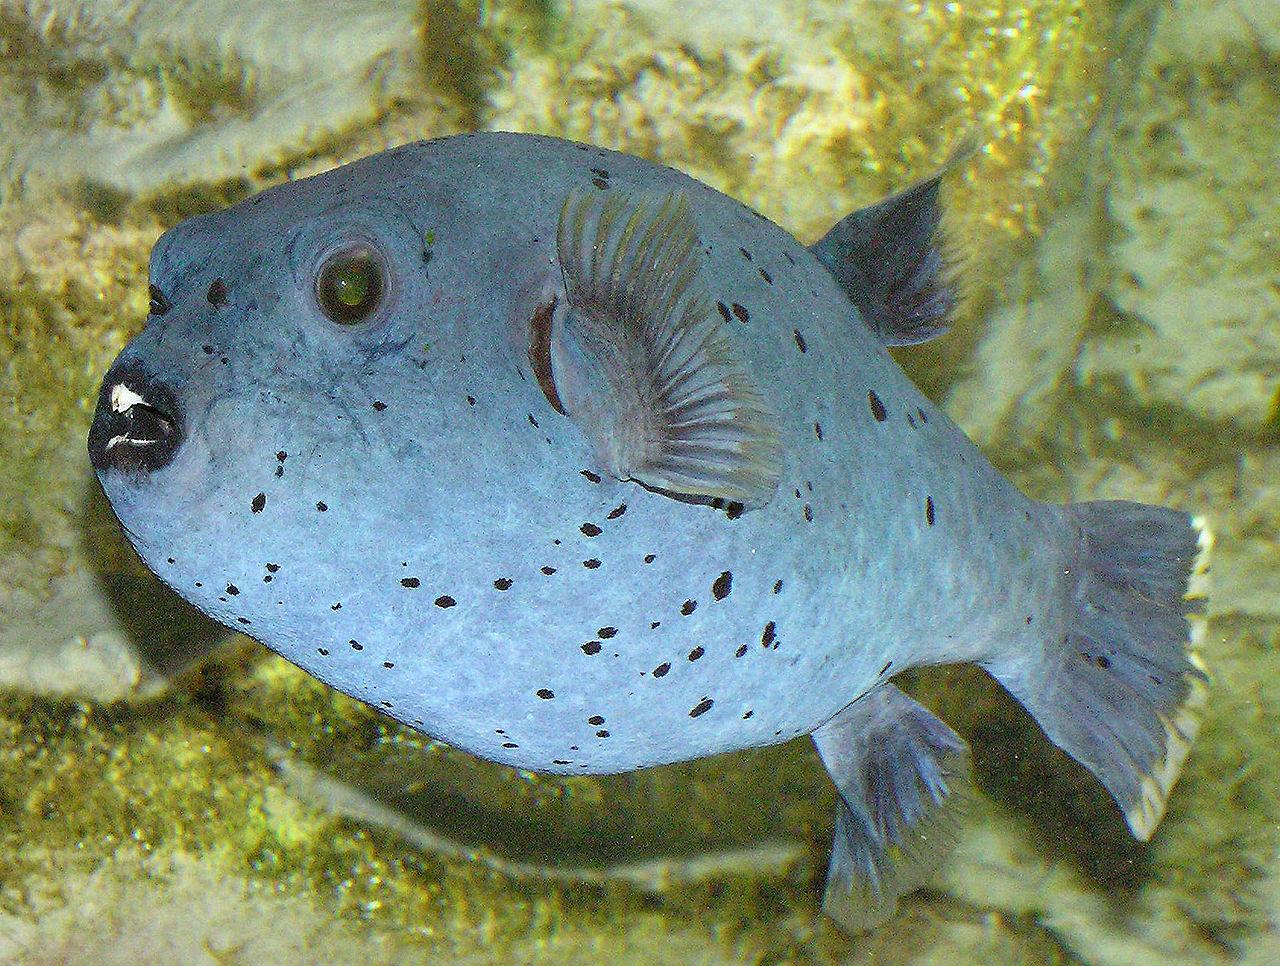 El pez globo está entre las especies amenazadas, según la Lista Roja de la IUCN. Fuente: Wikipedia.